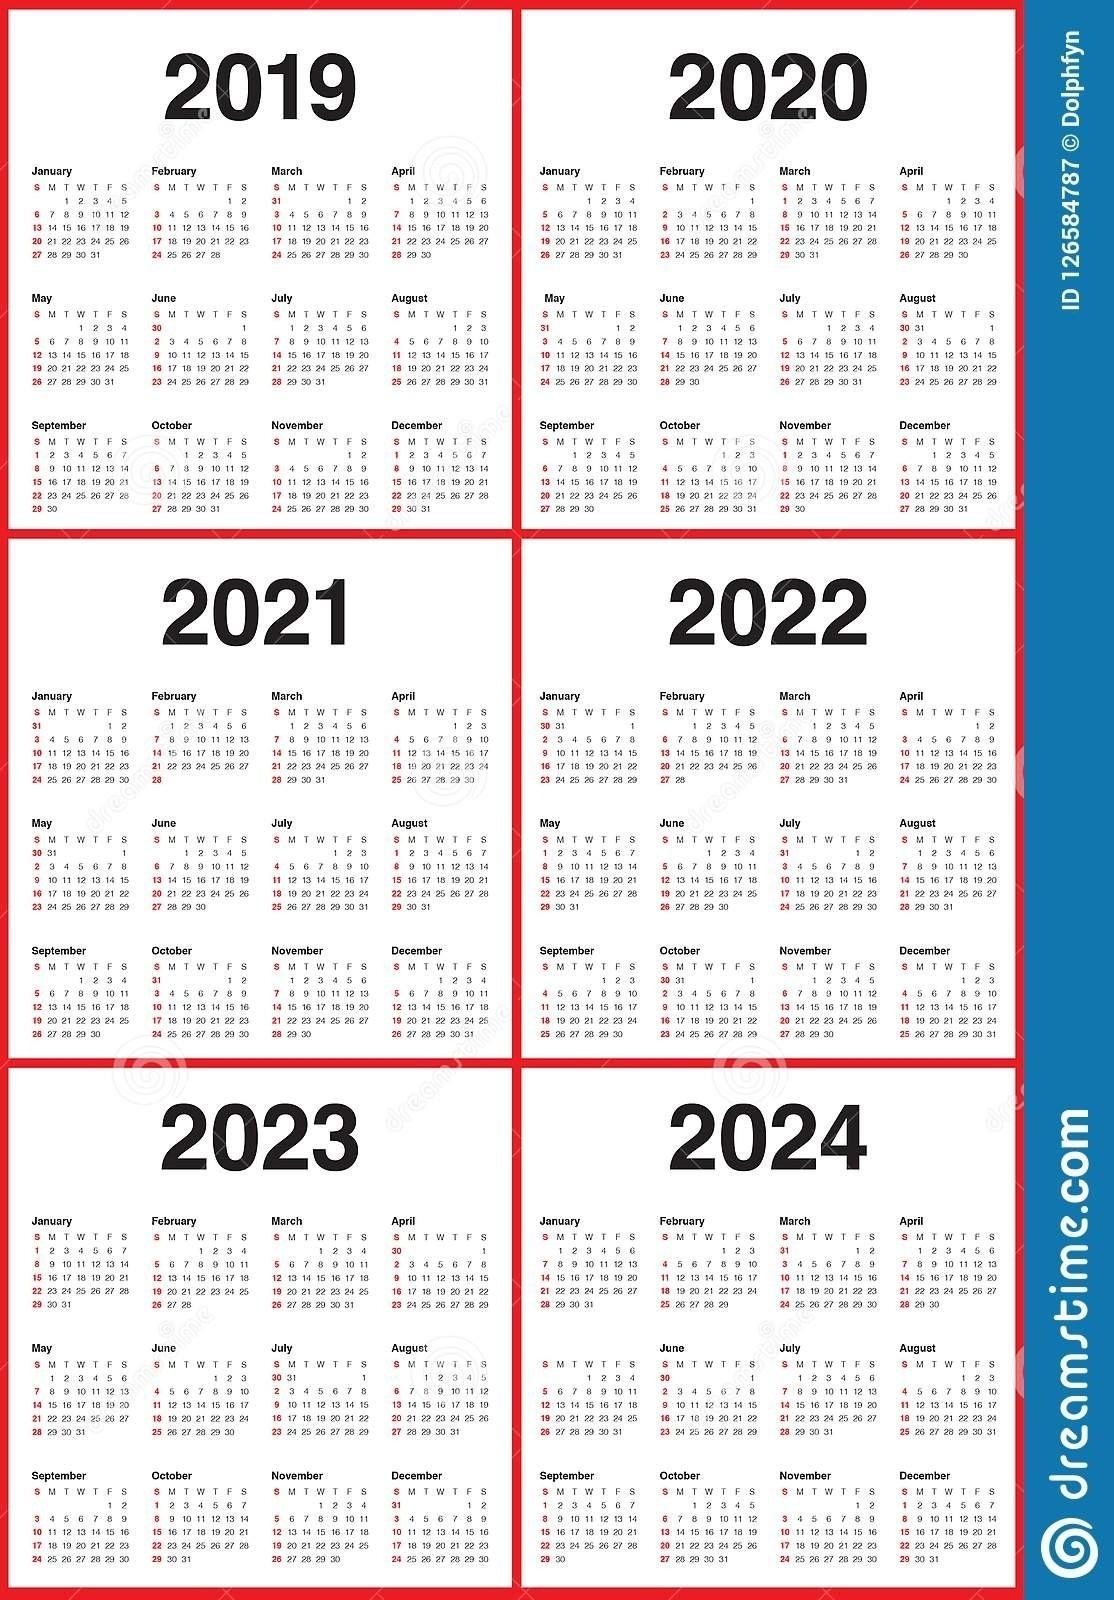 Tips Bermain Slot Online Lengkap with 3 Year Calendar 2020 To 2023